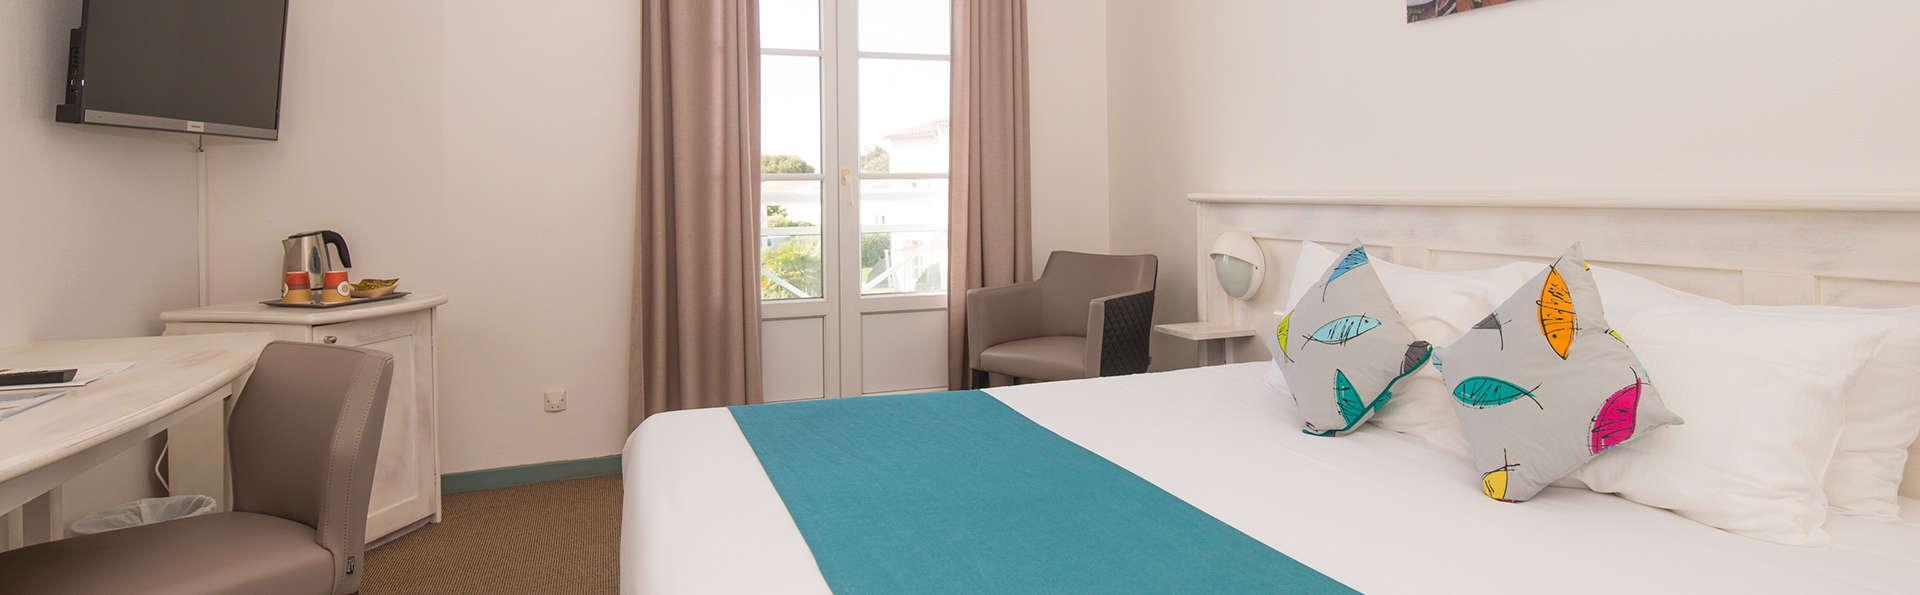 Côté Thalasso - Ile de Ré - EDIT_NEW_Room.jpg